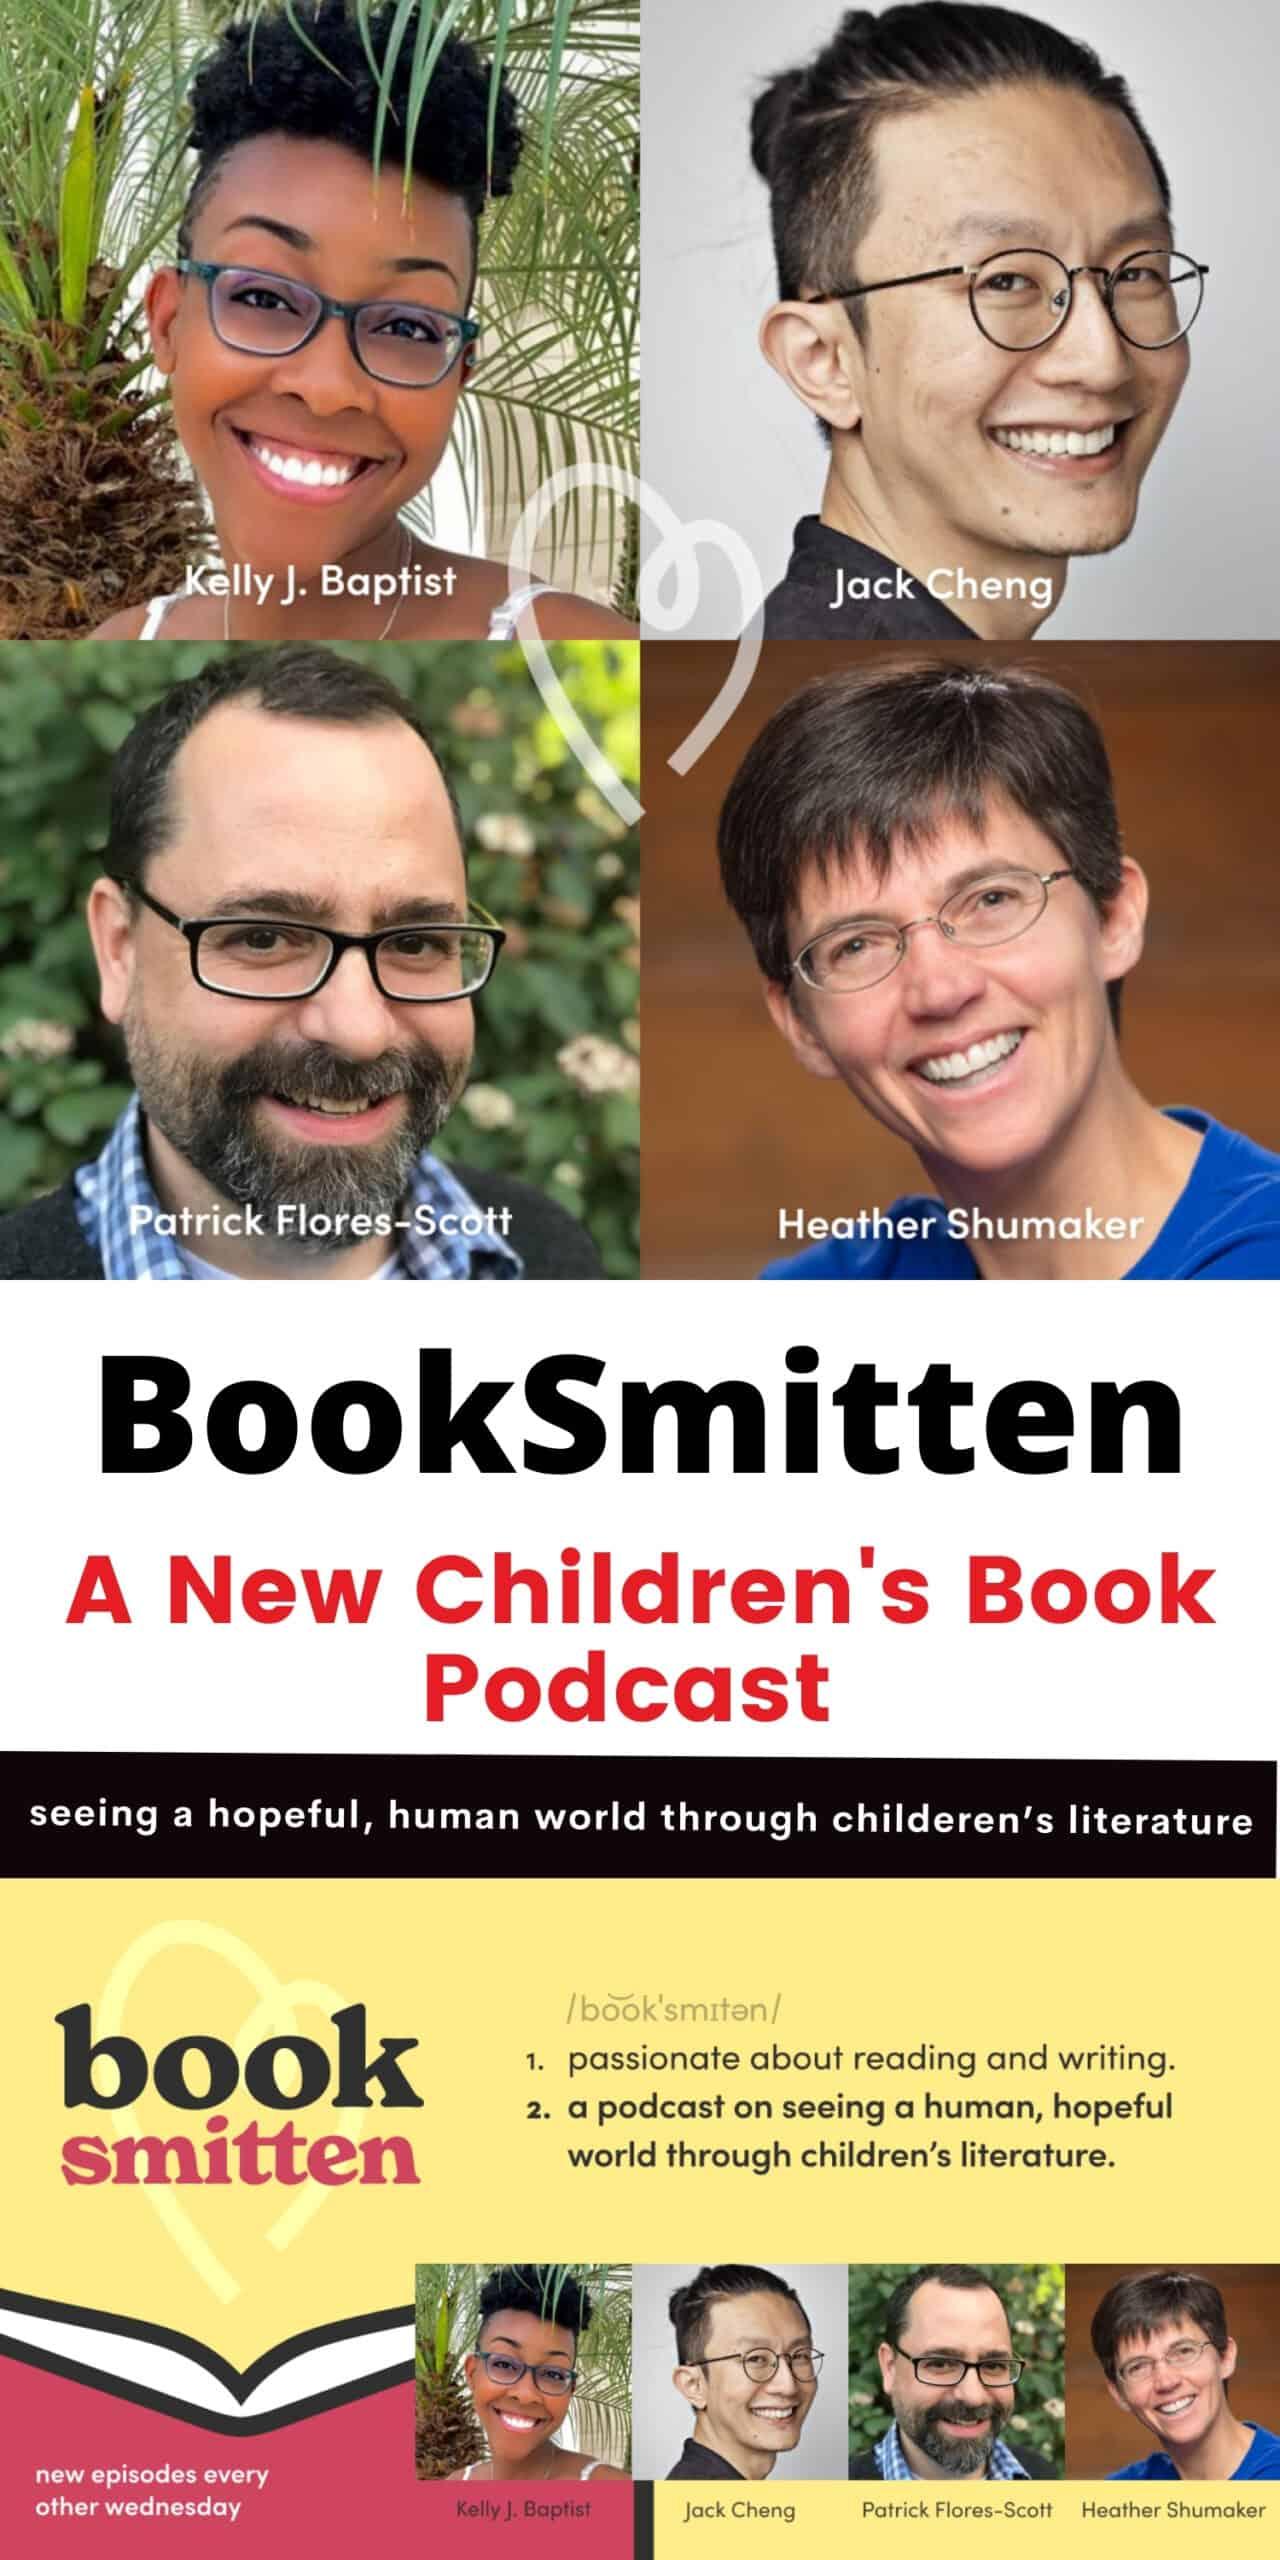 BookSmitten: A New Children's Book Podcast